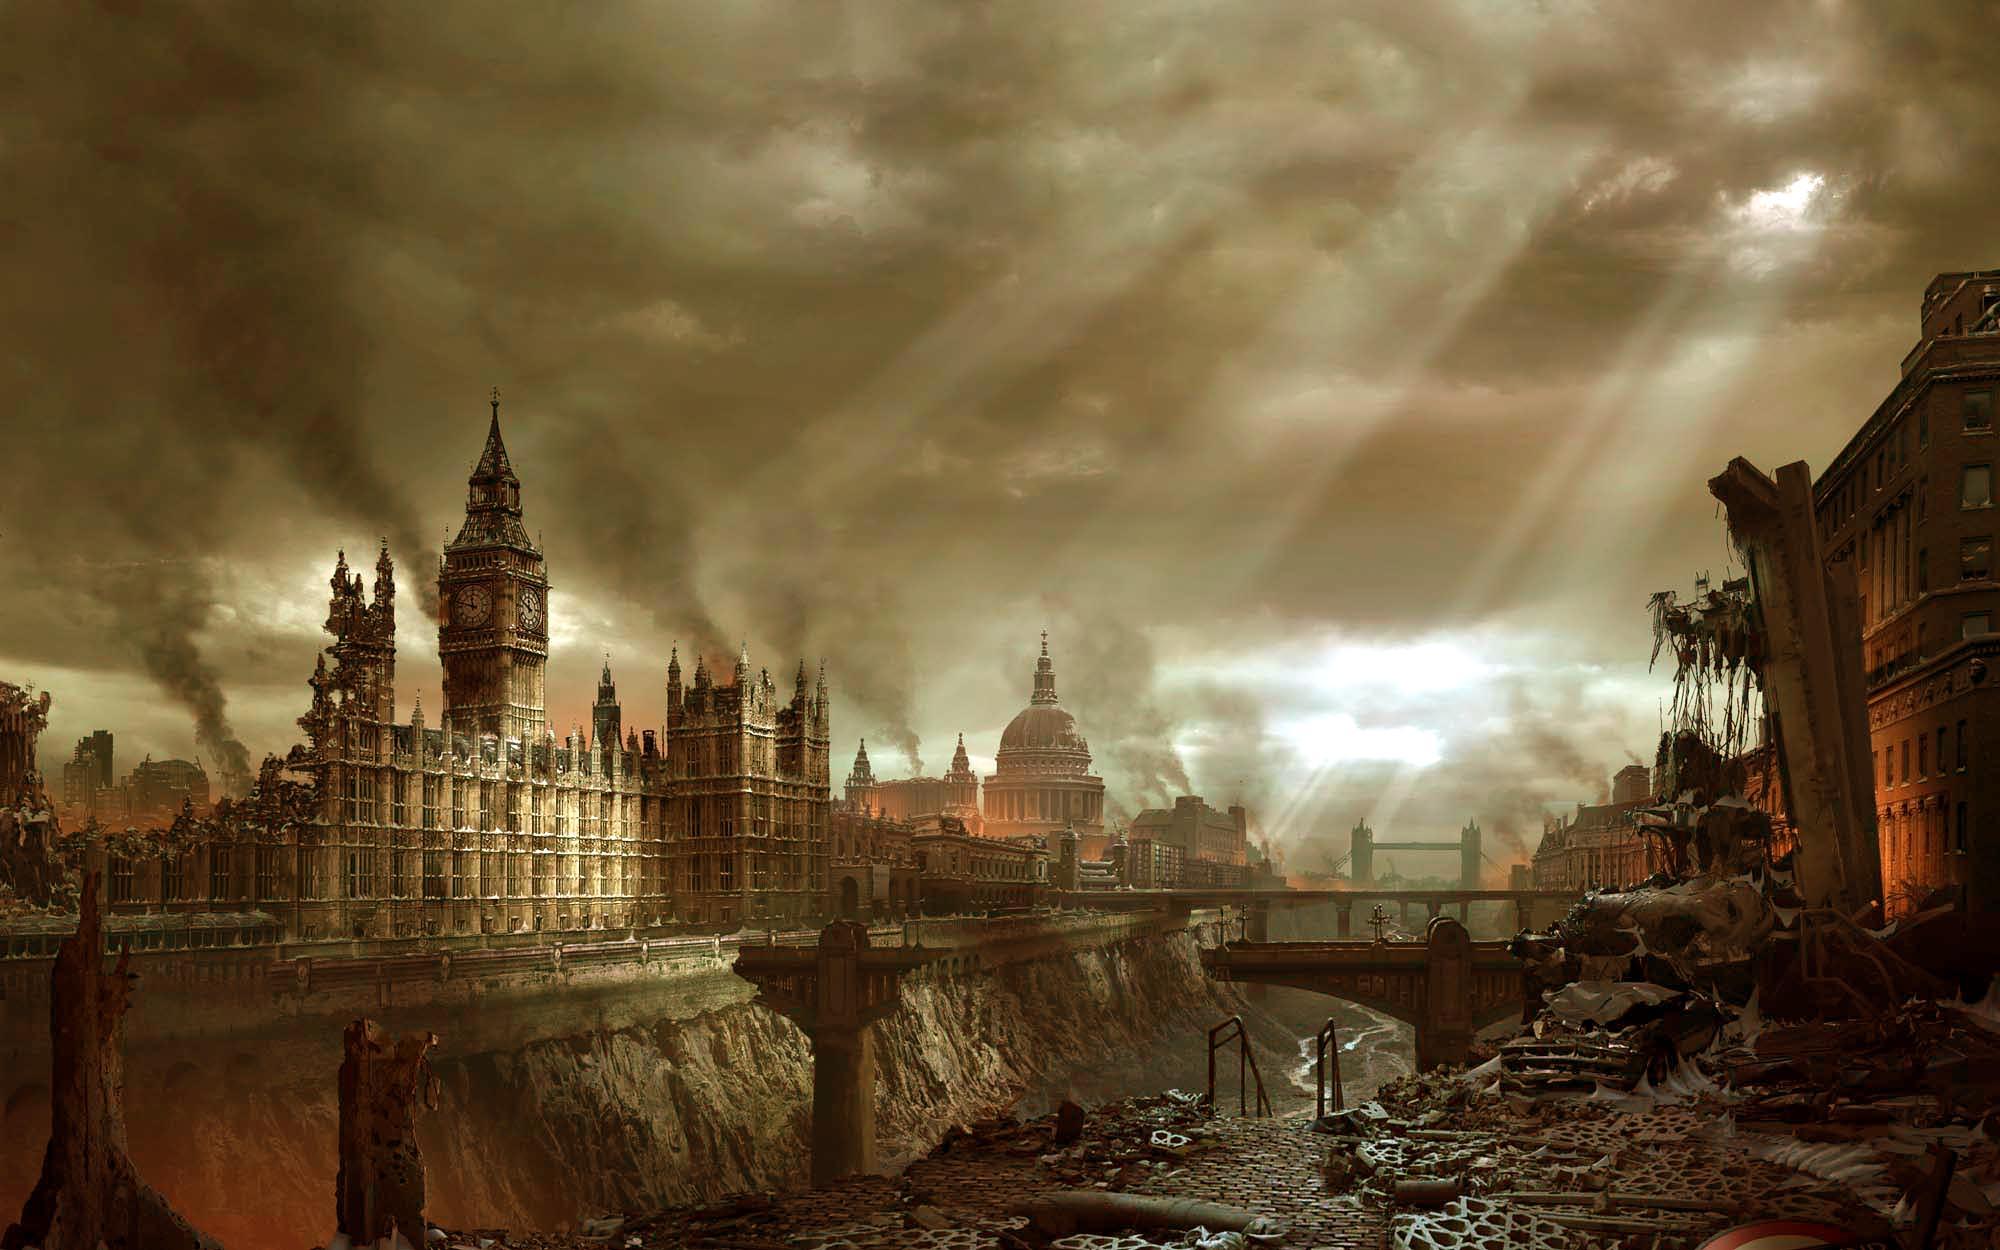 Literatura y mundos apocalípticos - Radio Cantilo